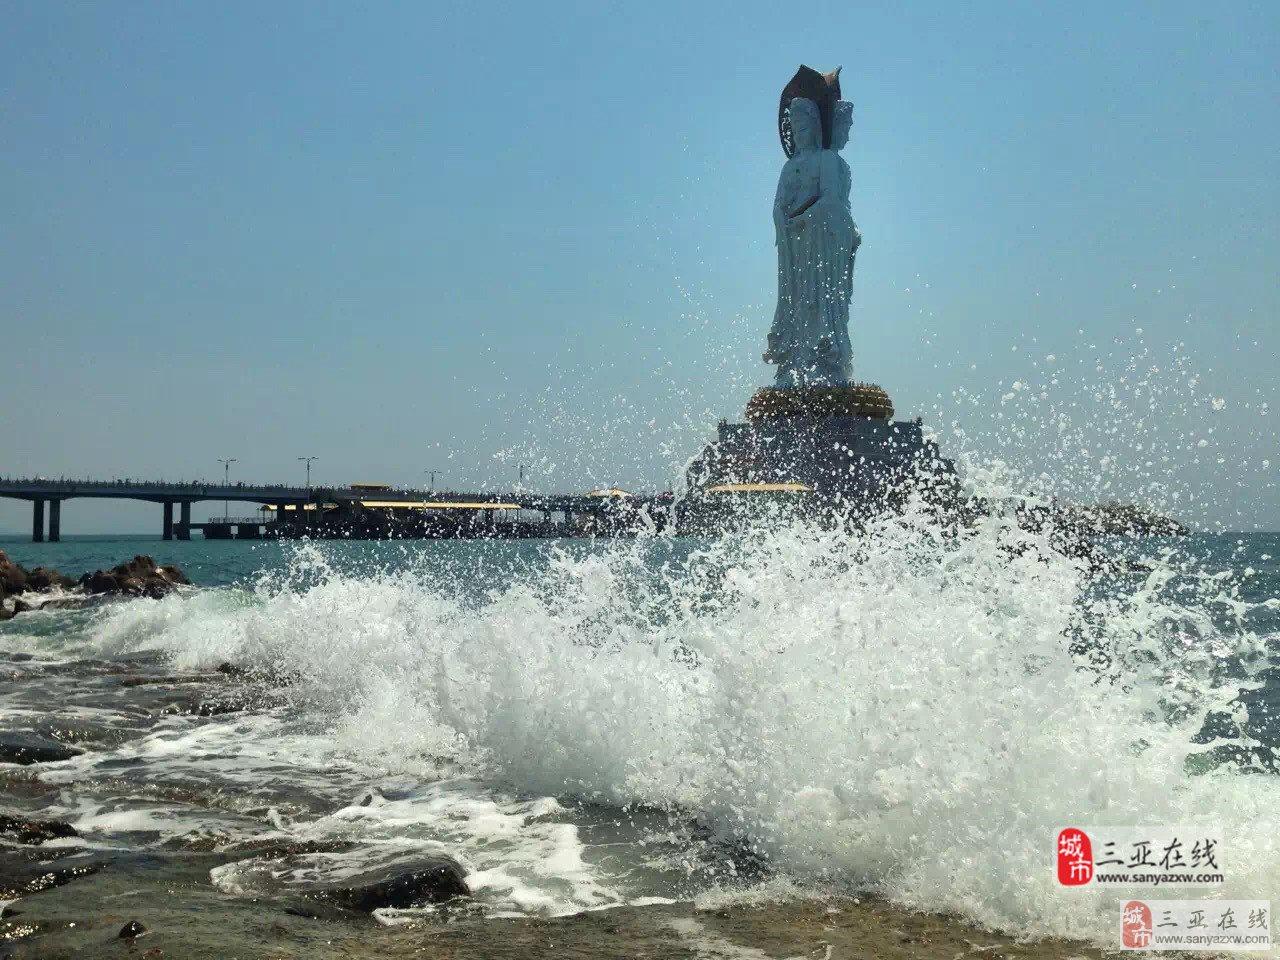 南山观音三亚摄影大师蒋冰手机拍摄作品